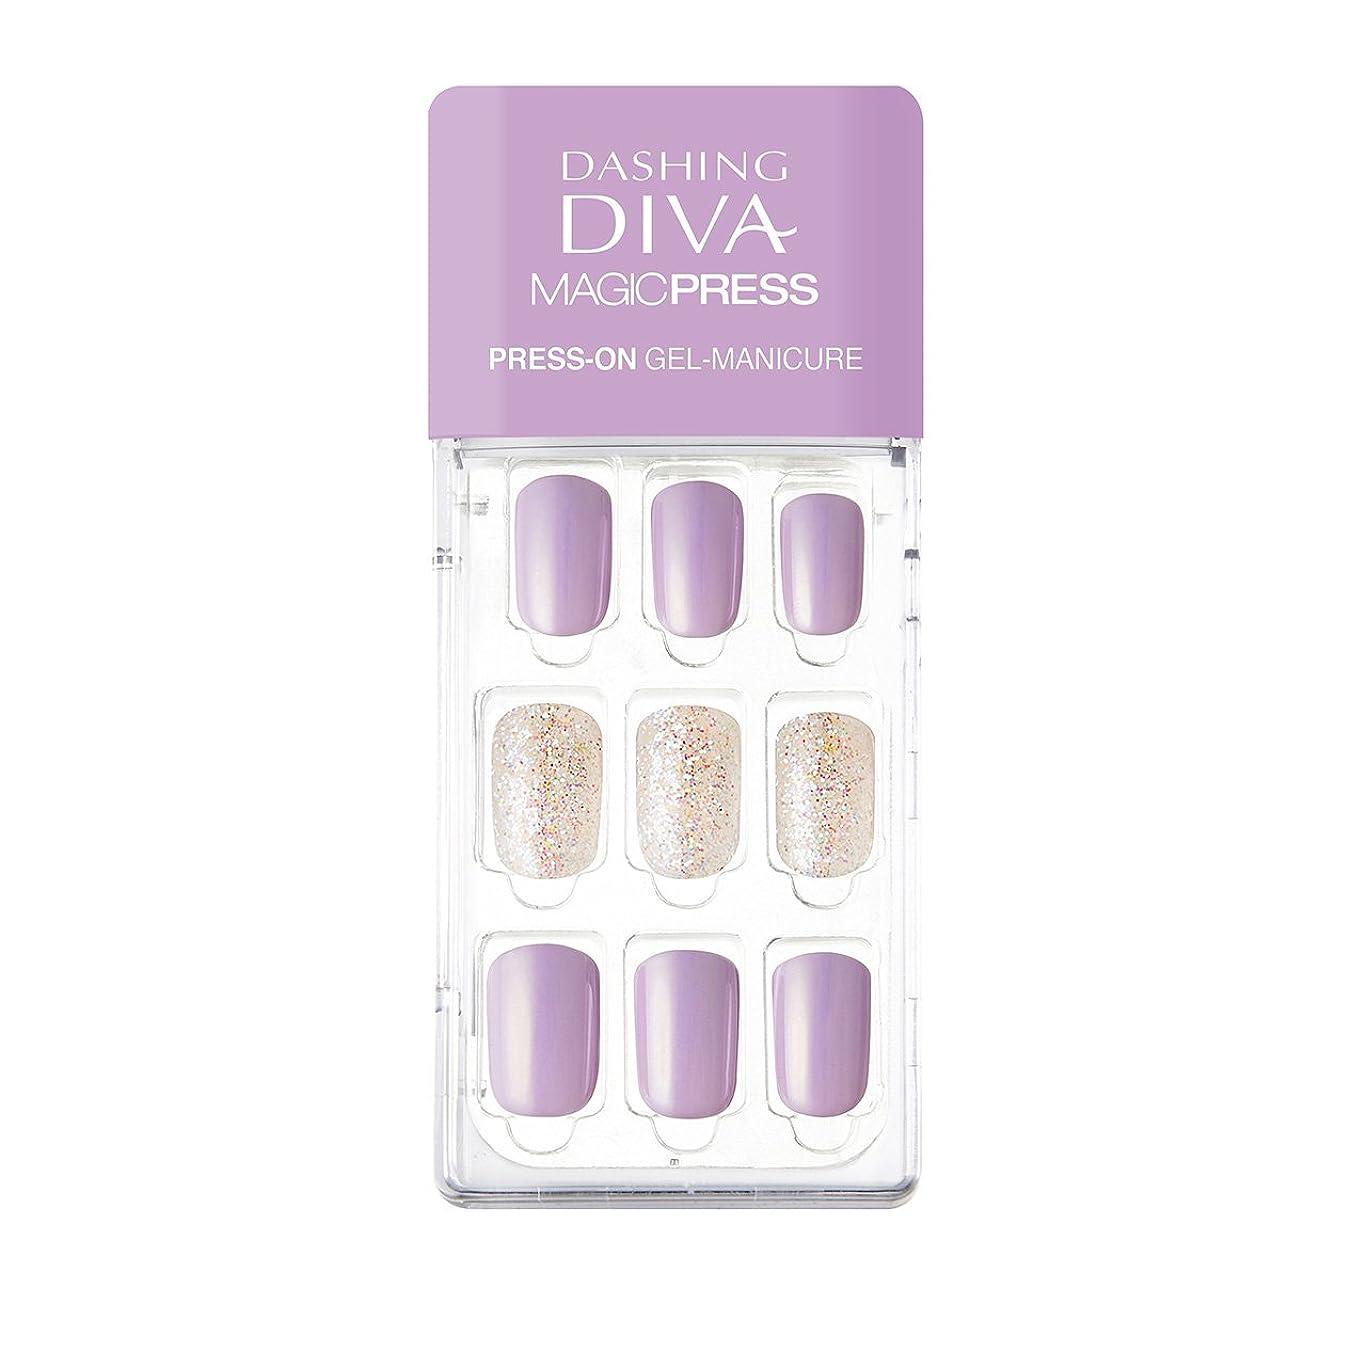 アリス延ばす悪因子ダッシングディバ マジックプレス DASHING DIVA MagicPress MDR139-DURY+ オリジナルジェル ネイルチップ